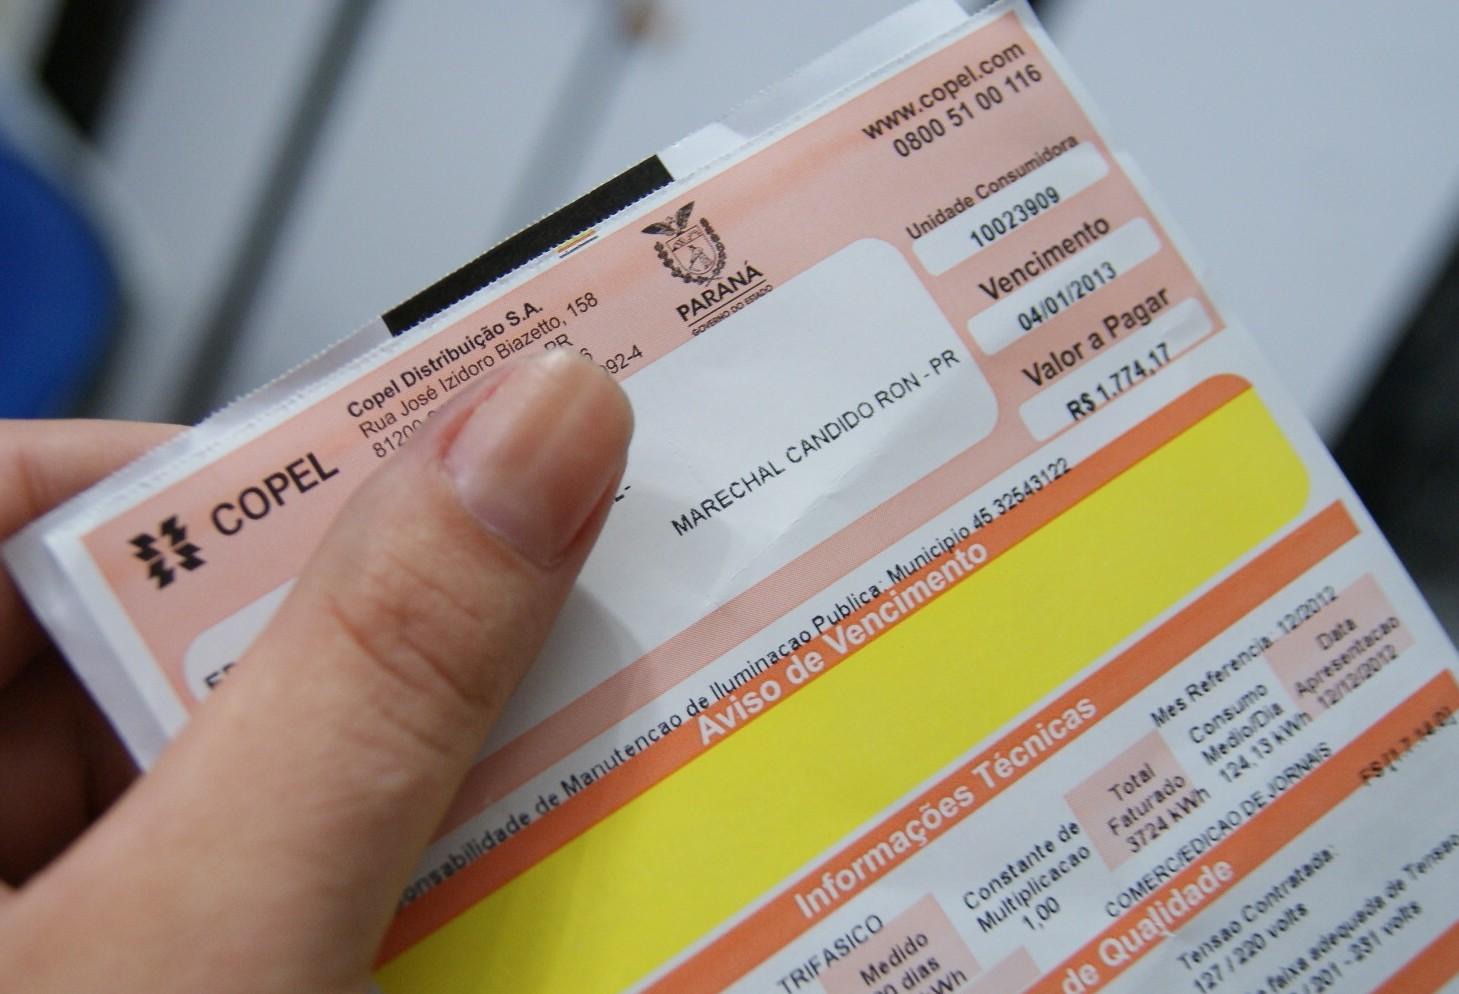 Dos 73 locais cadastrados pela Copel, somente 22 recebem pagamento da conta em dinheiro